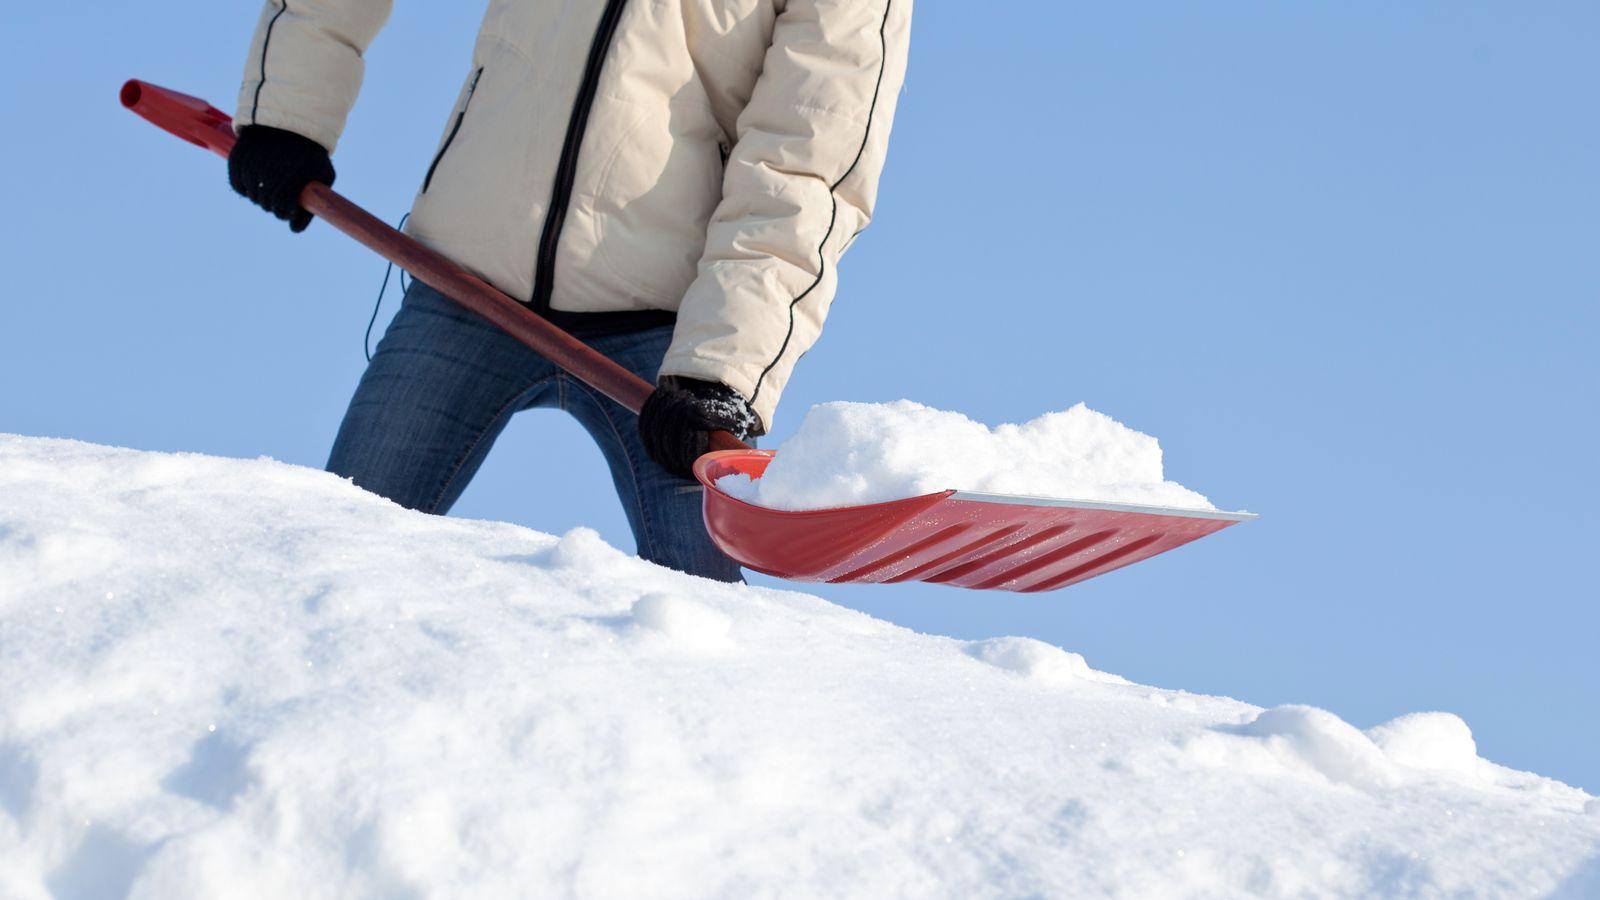 Pelle à neige  : comment choisir